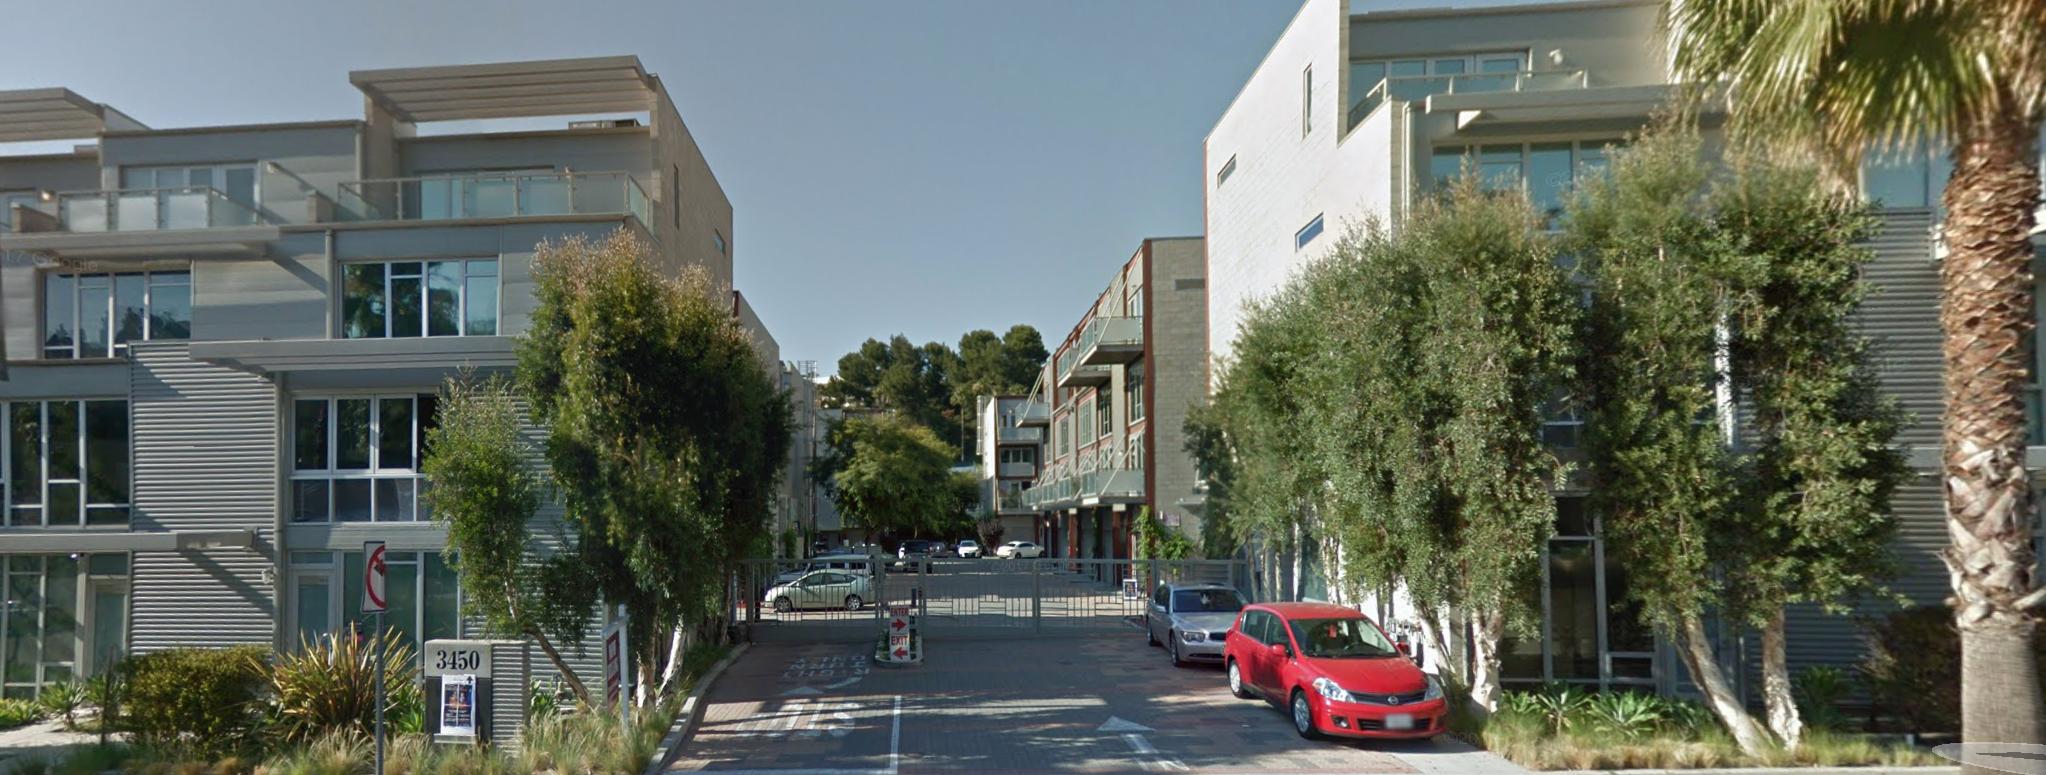 Undercurrent Actors Studio street view